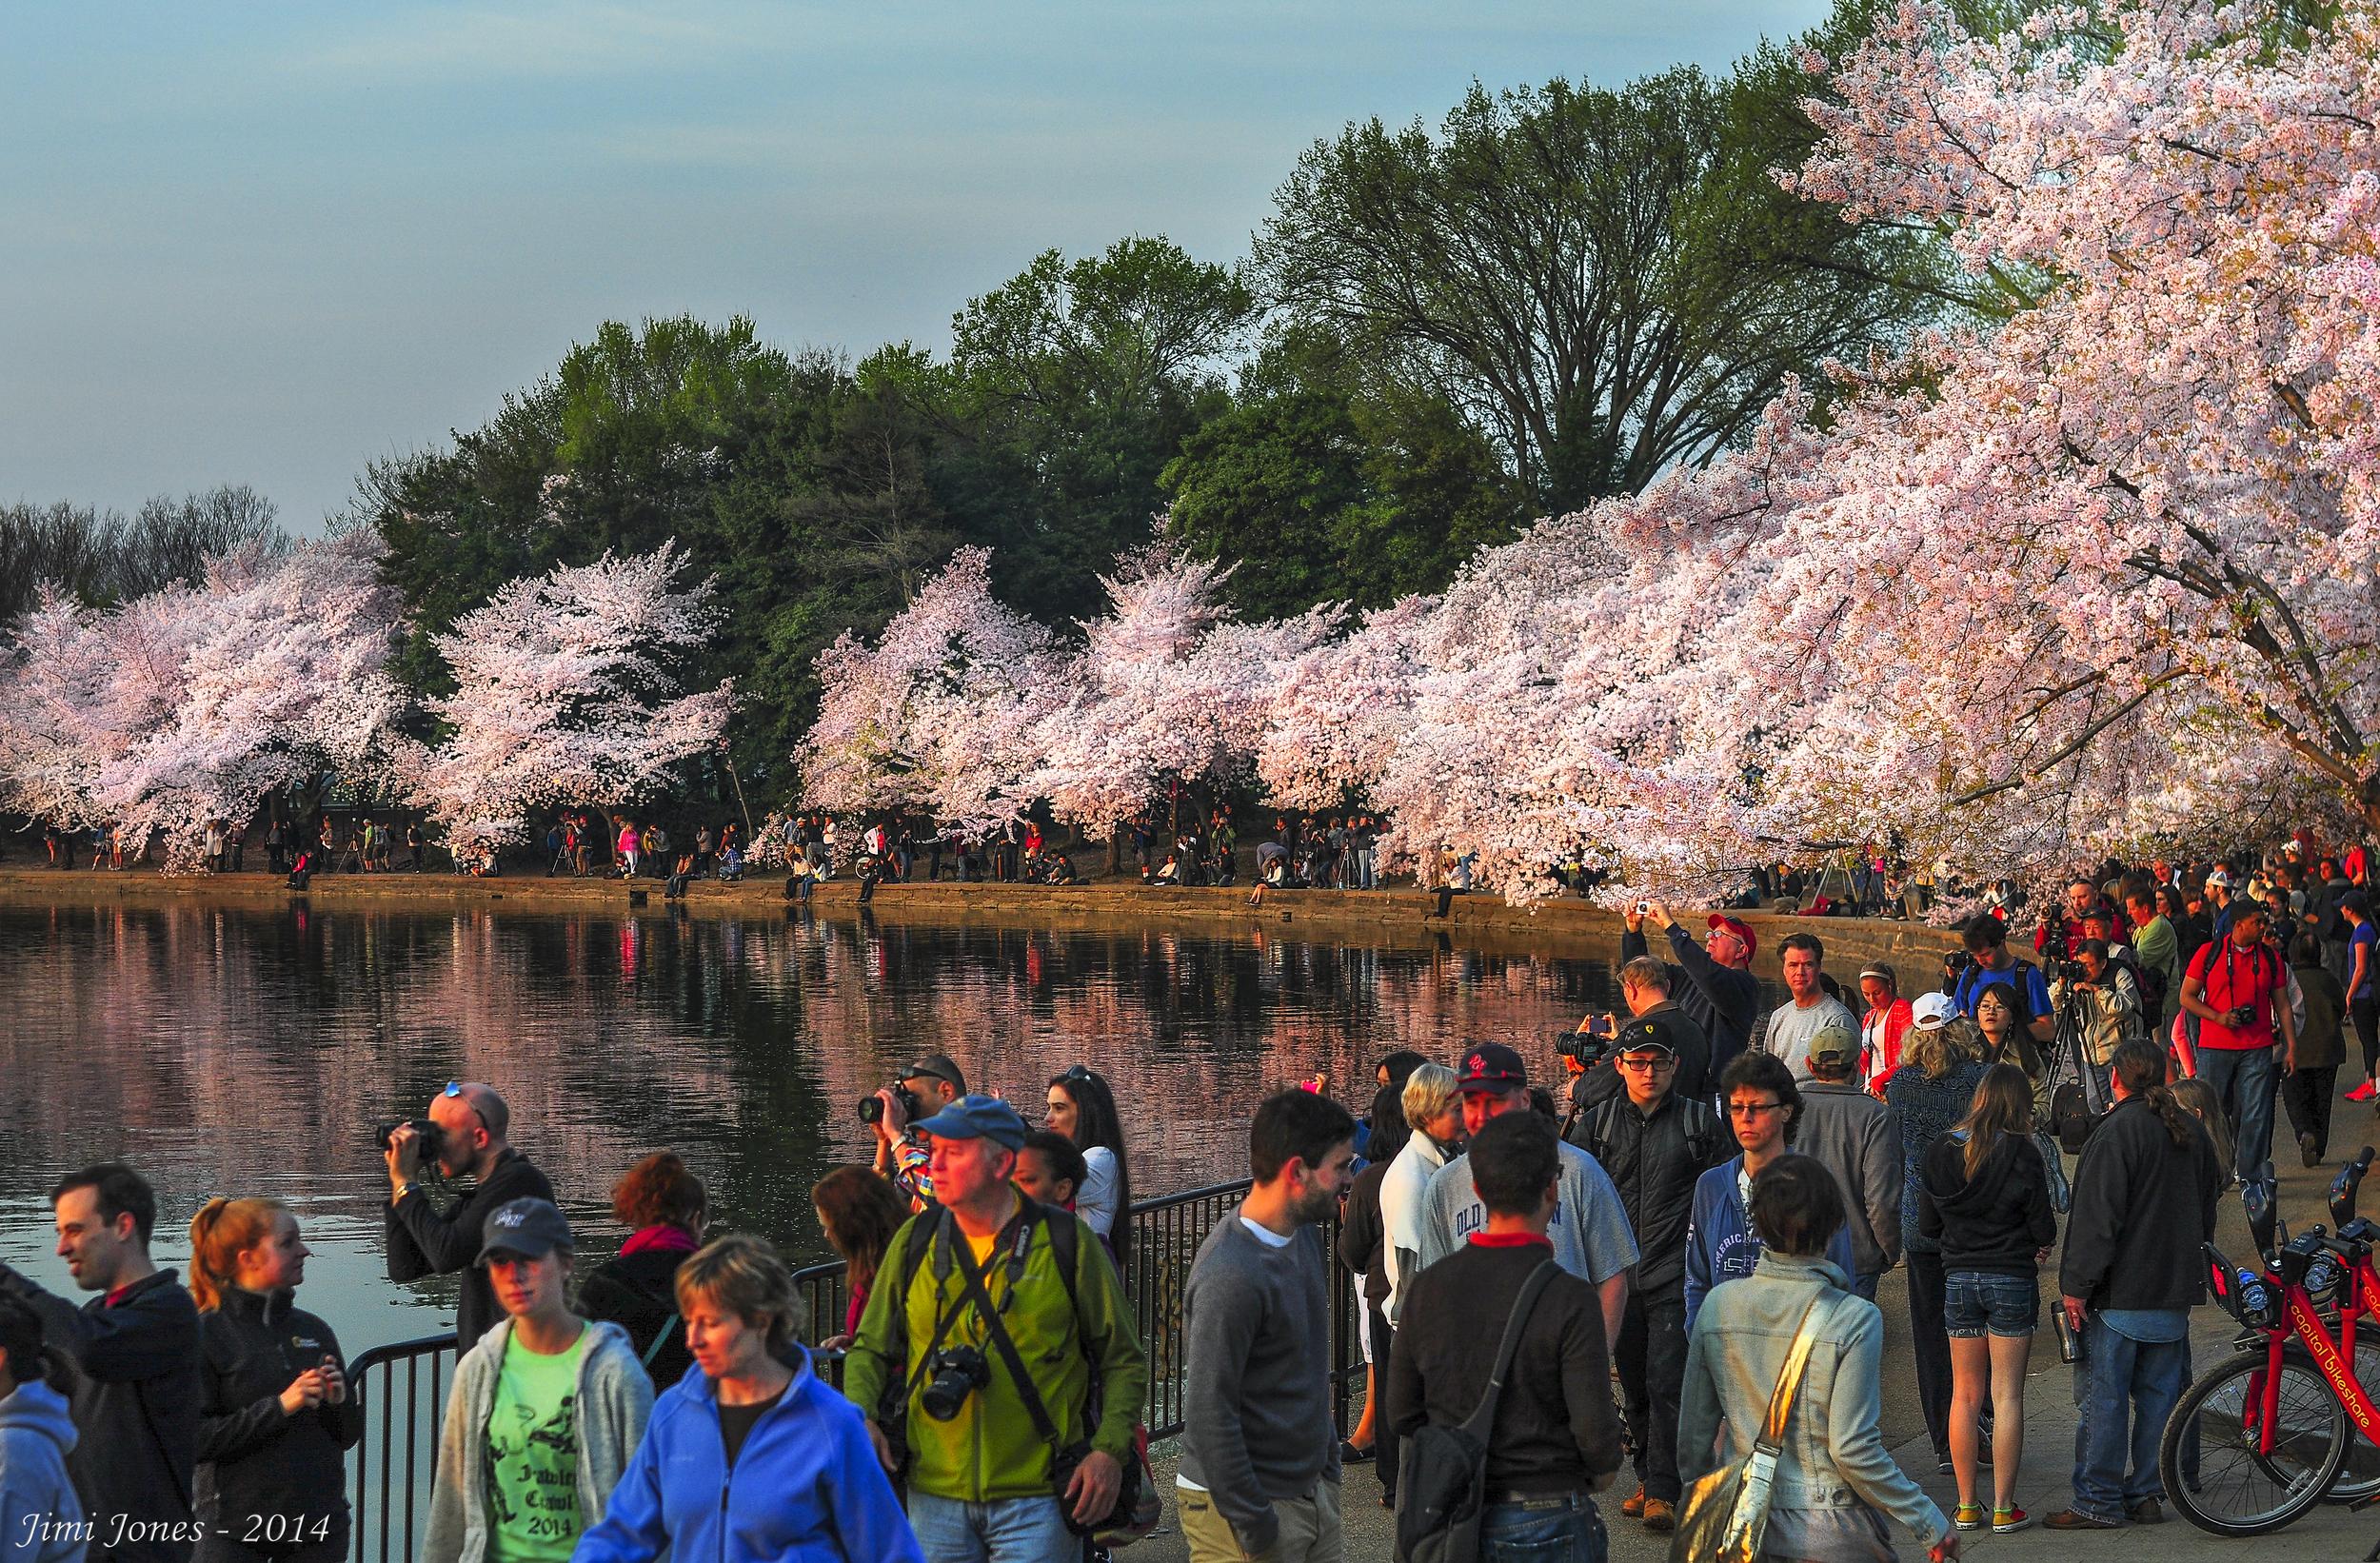 2014 Cherry Blossom Festival